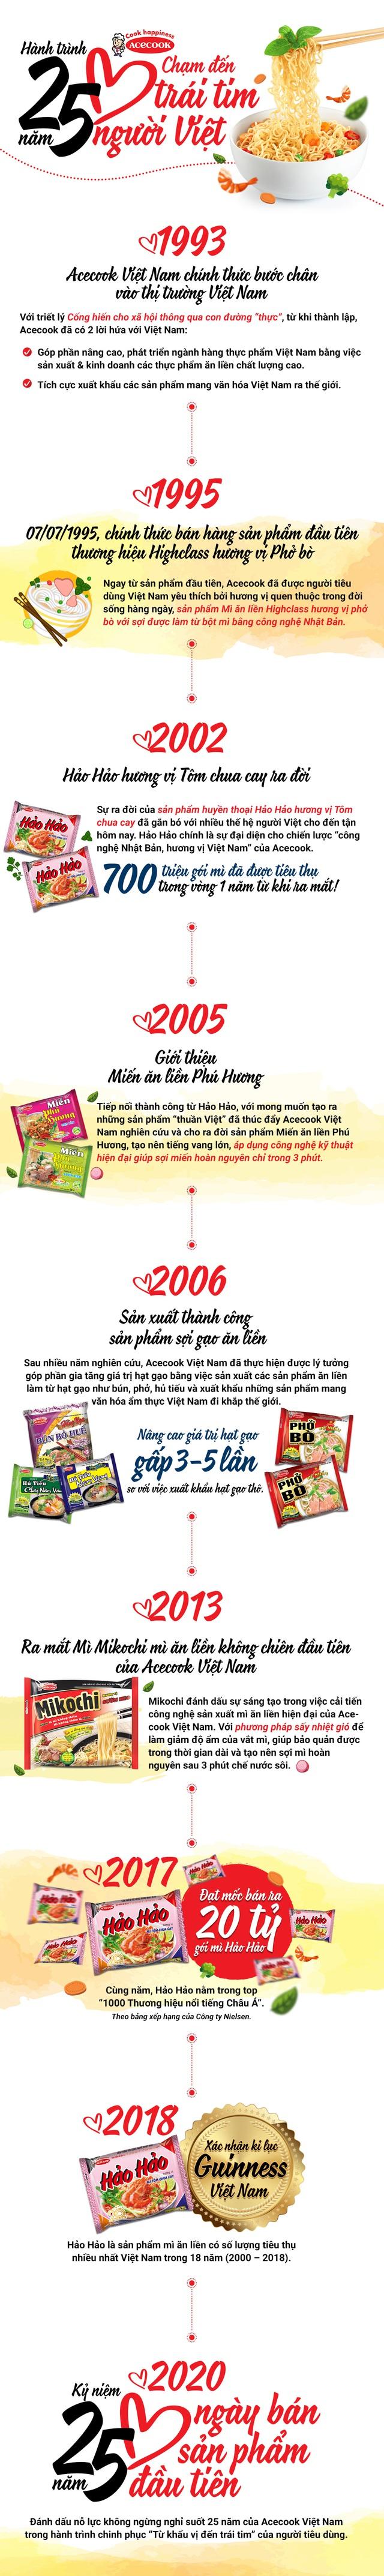 Acecook Việt Nam - Hành trình 25 năm chạm đến trái tim người Việt - Ảnh 1.